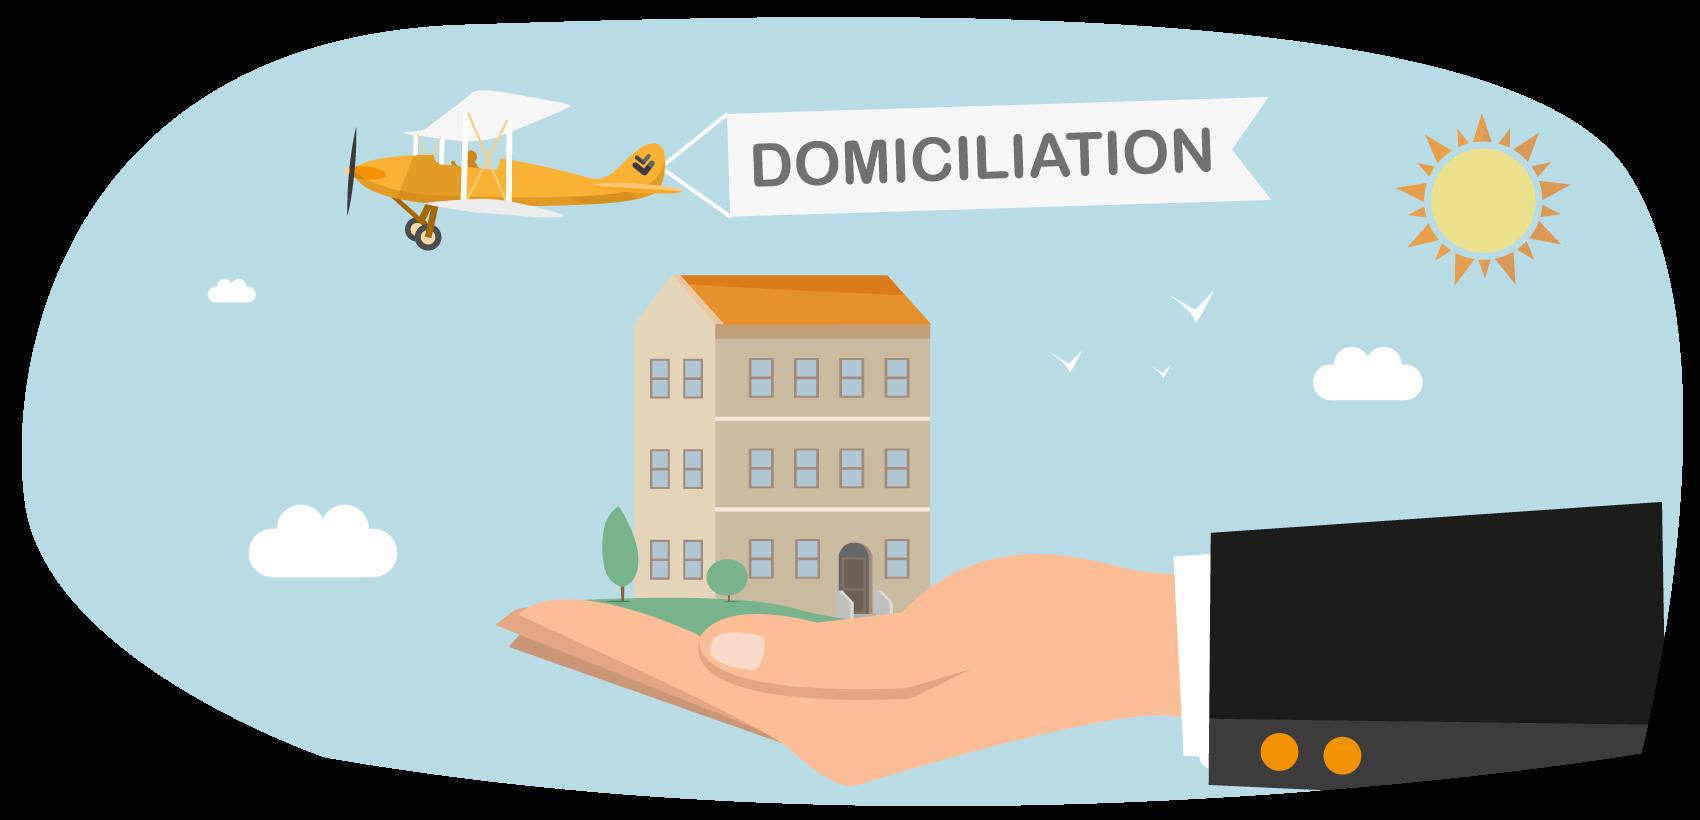 domiciliation et exercice domicile quelles diff rences